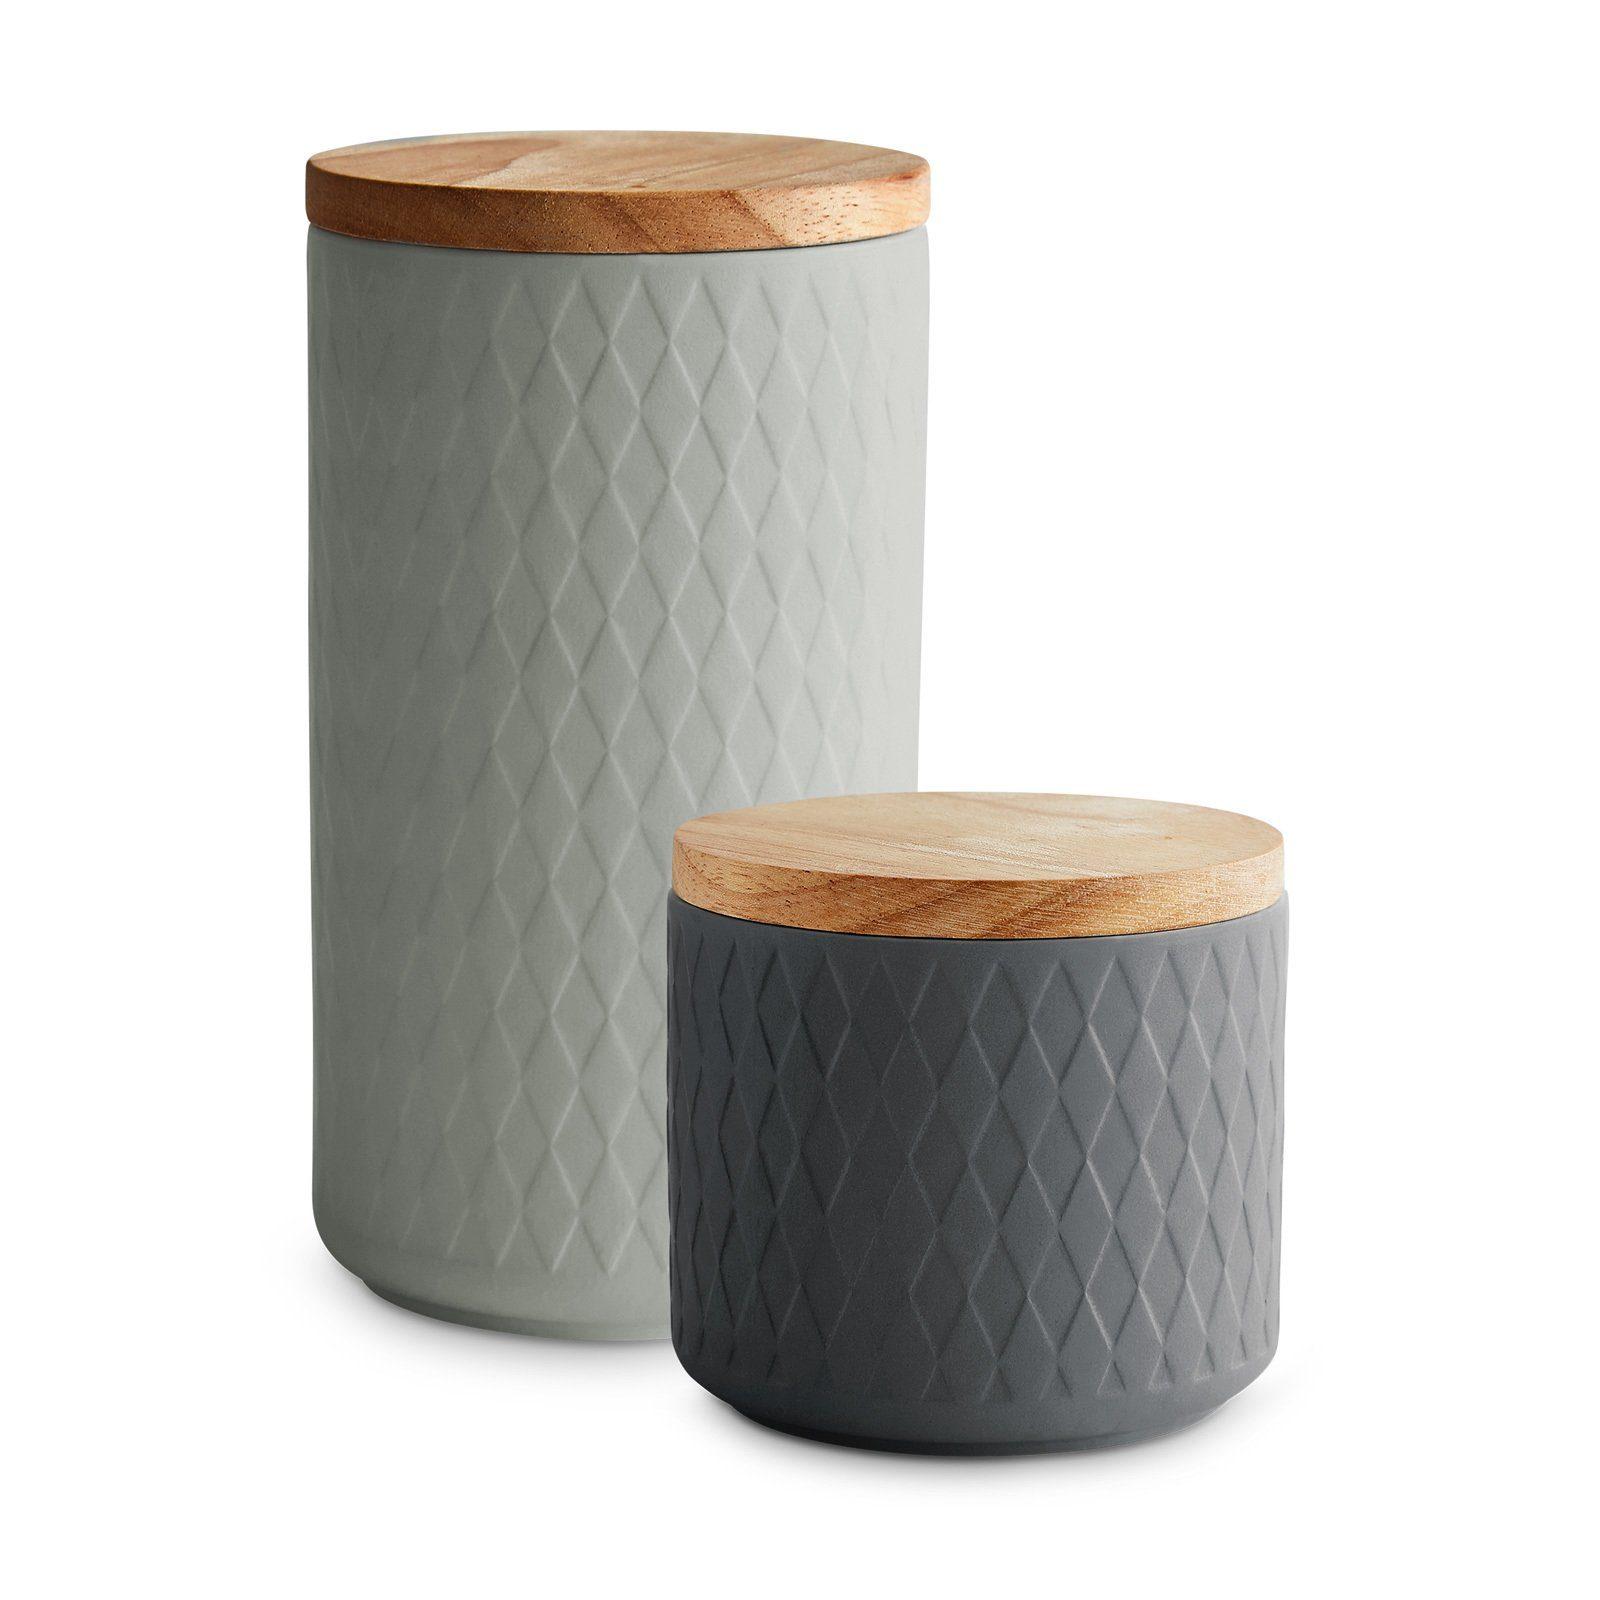 Springlane Vorratsdose »Grau«, Keramik, Kautschukholz, Silikon online kaufen | OTTO